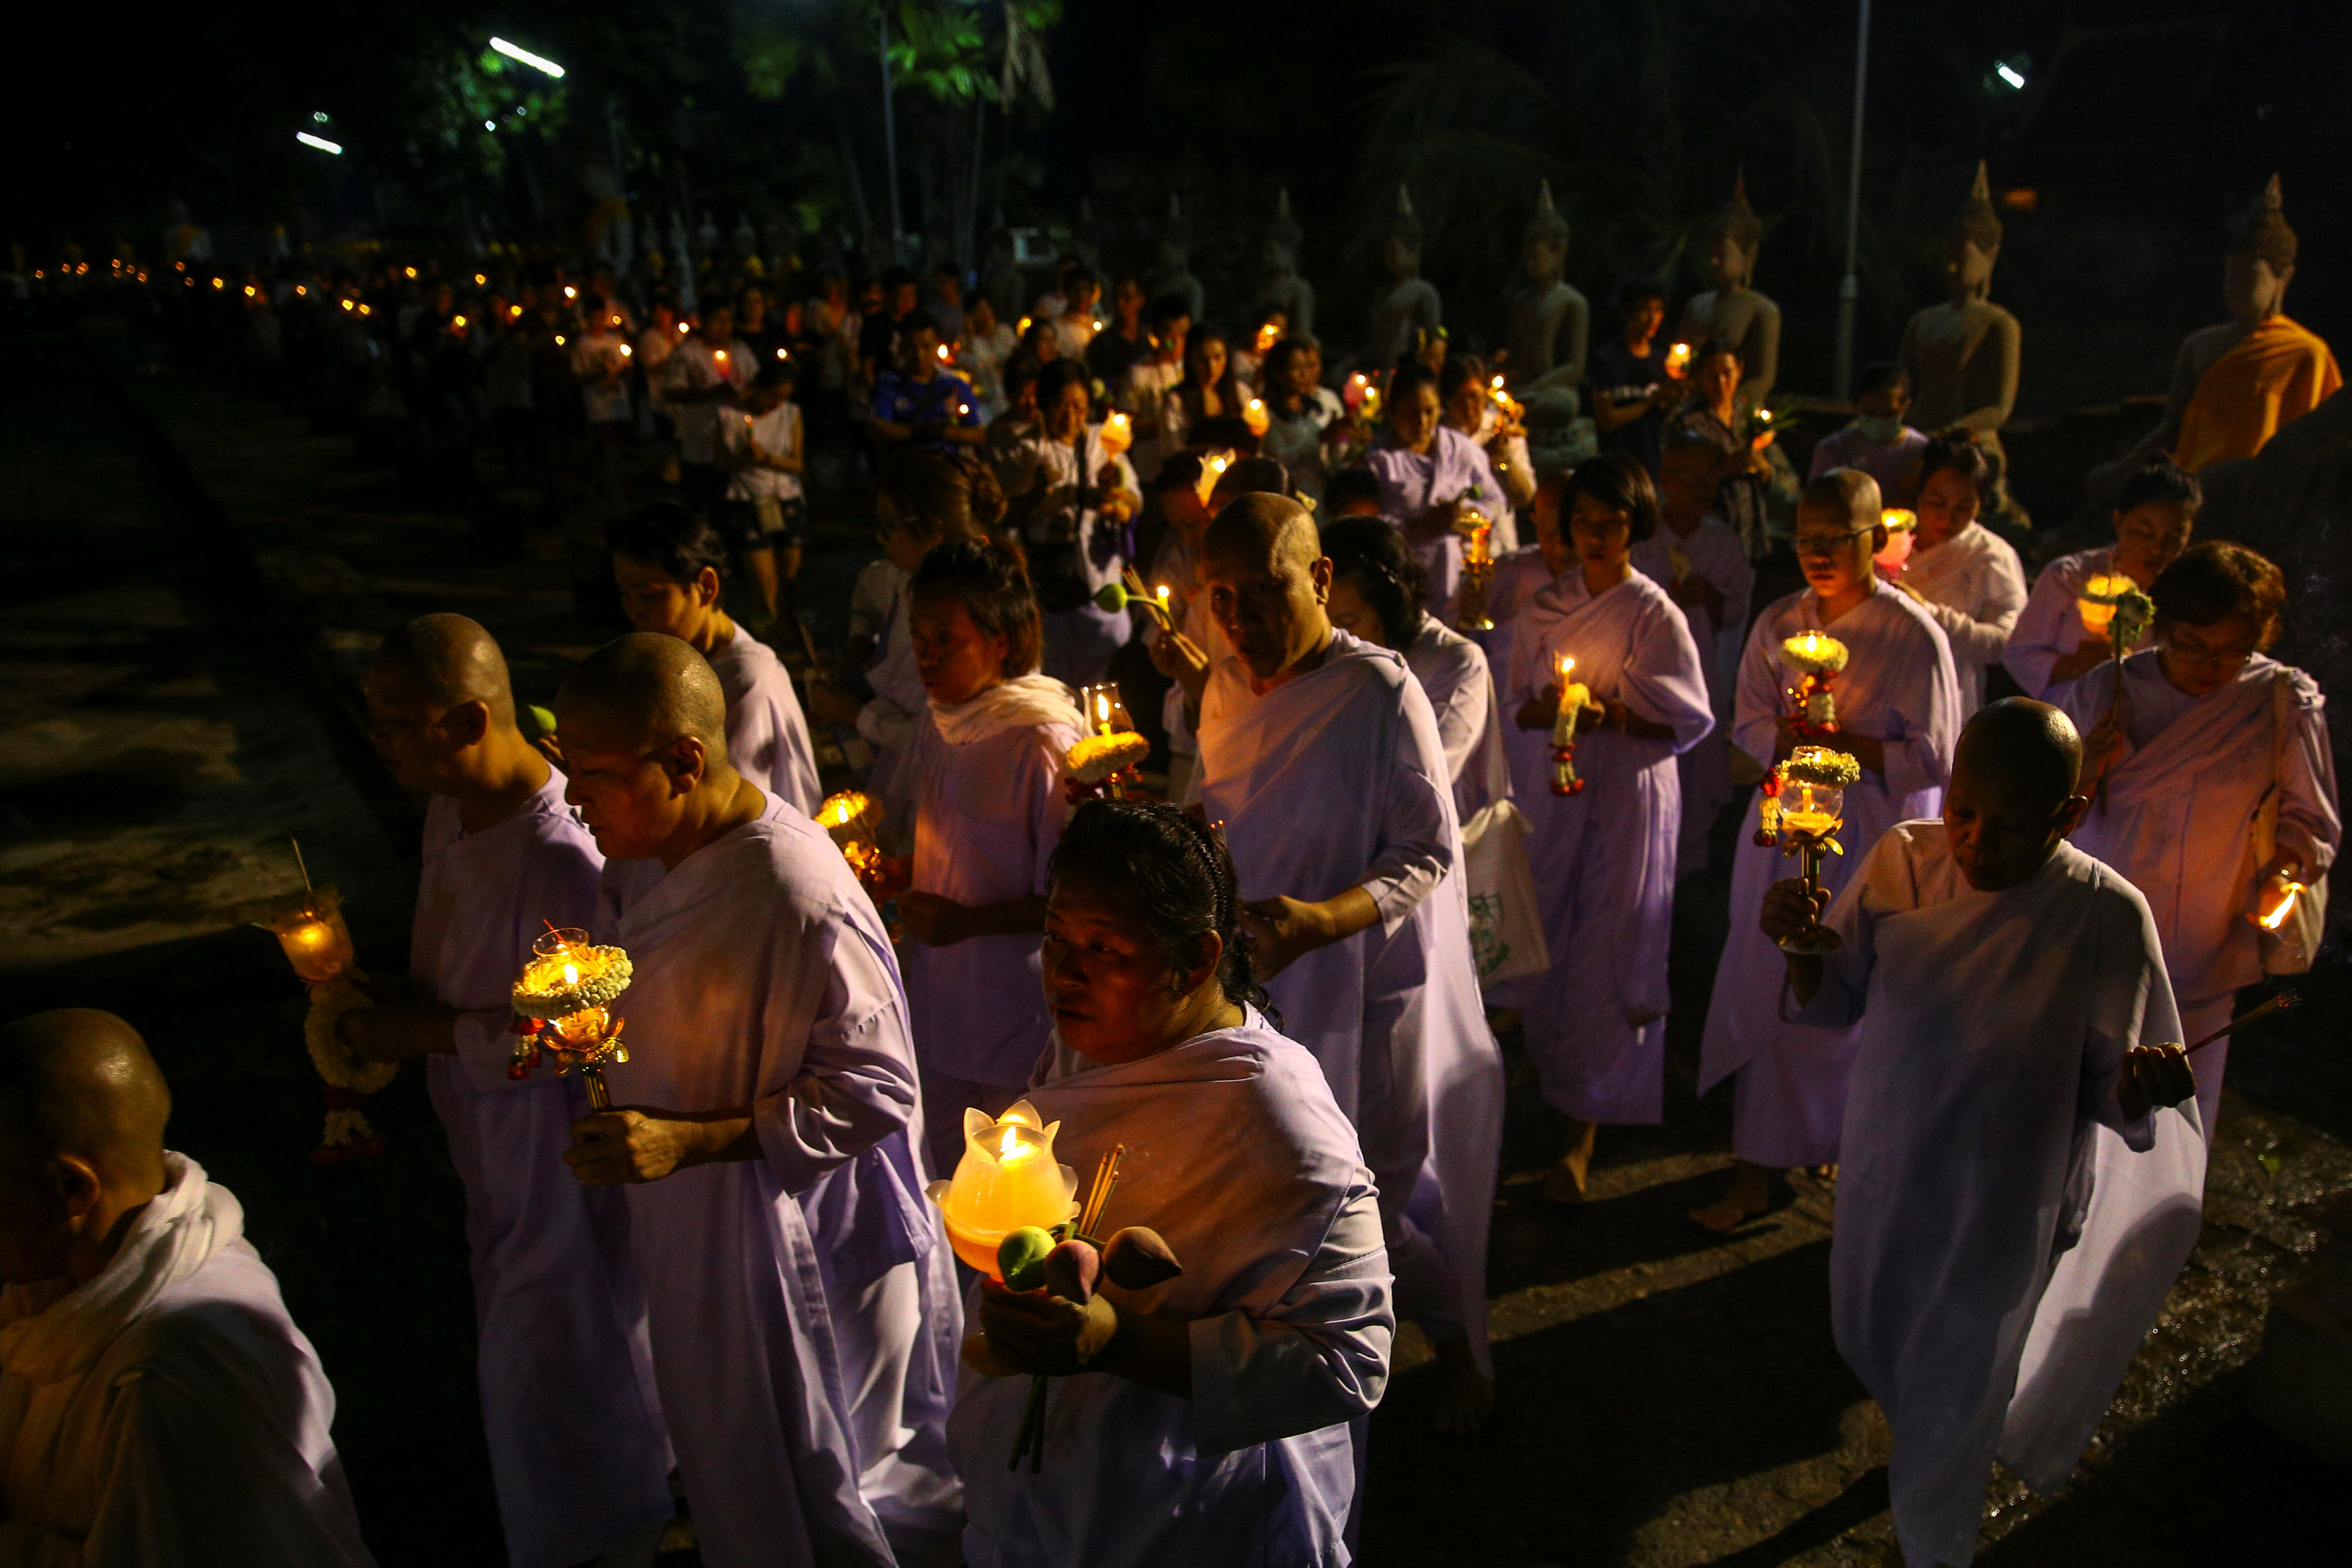 2017 05 10T141857Z 639999284 RC1D8B58EB50 RTRMADP 3 RELIGION VESAK THAILAND